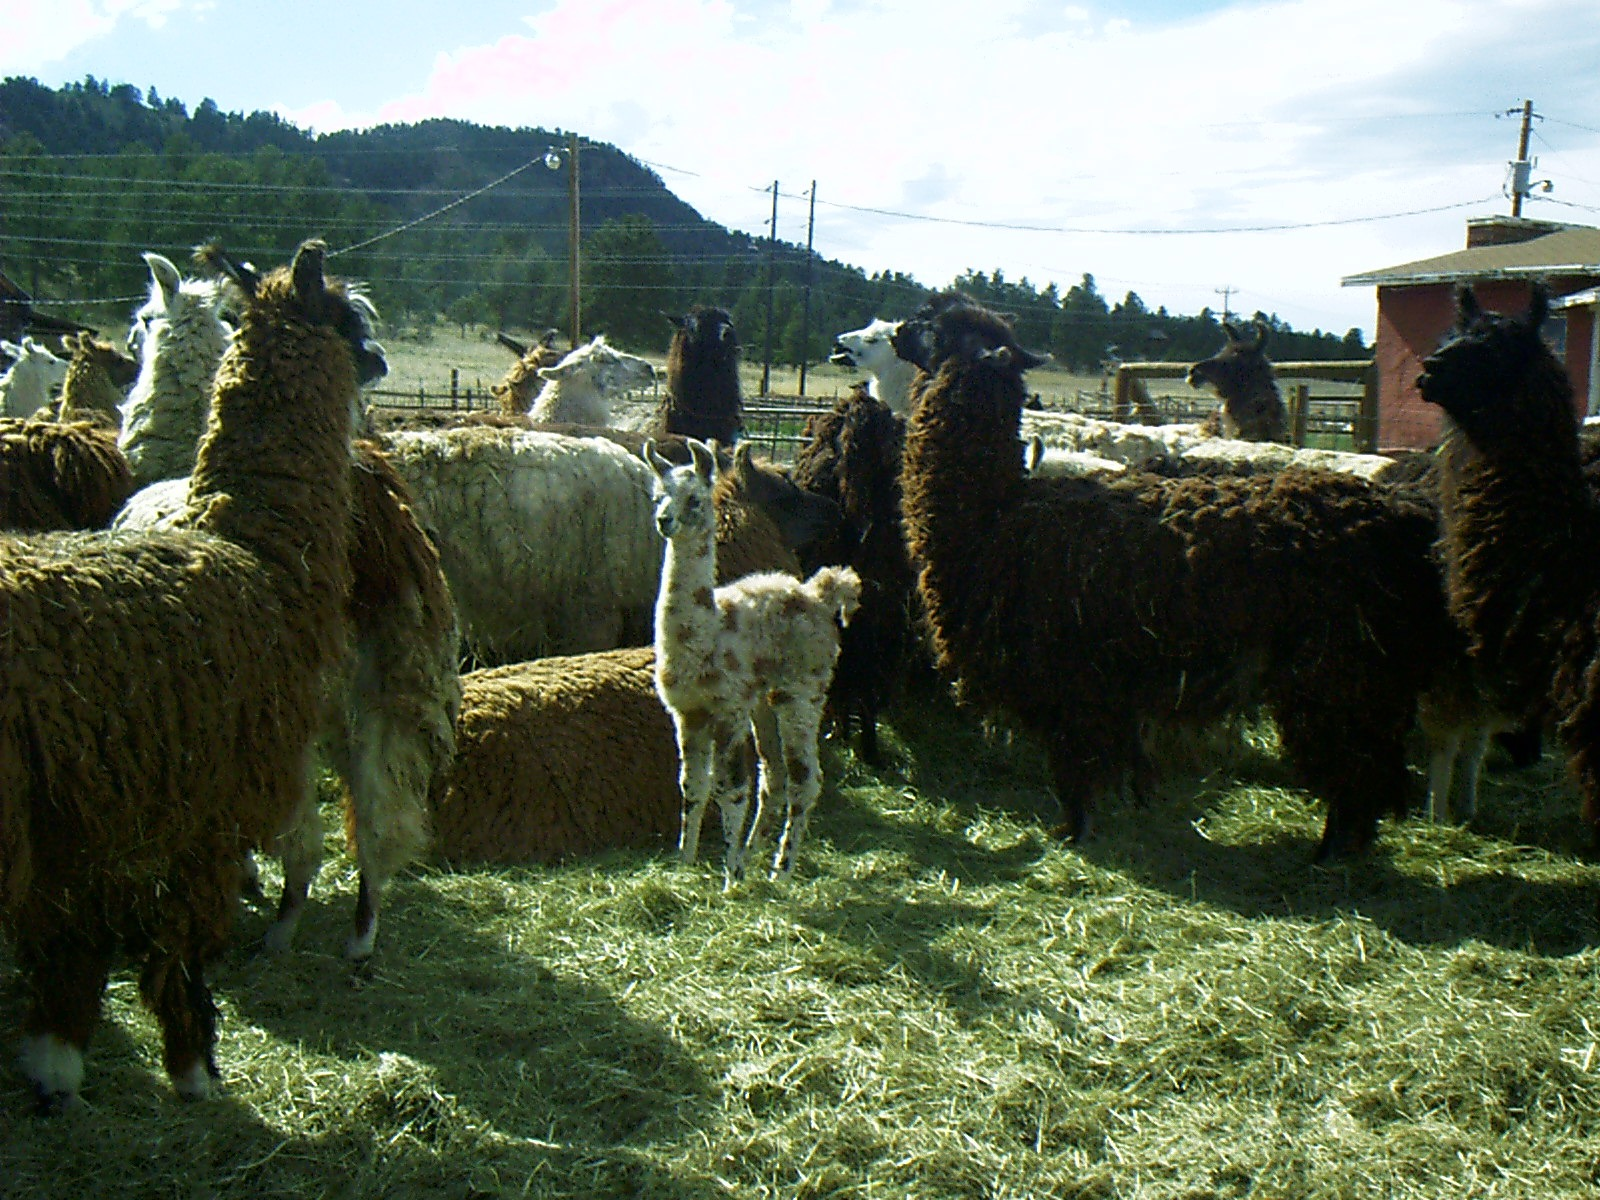 wool llamas in Colorado